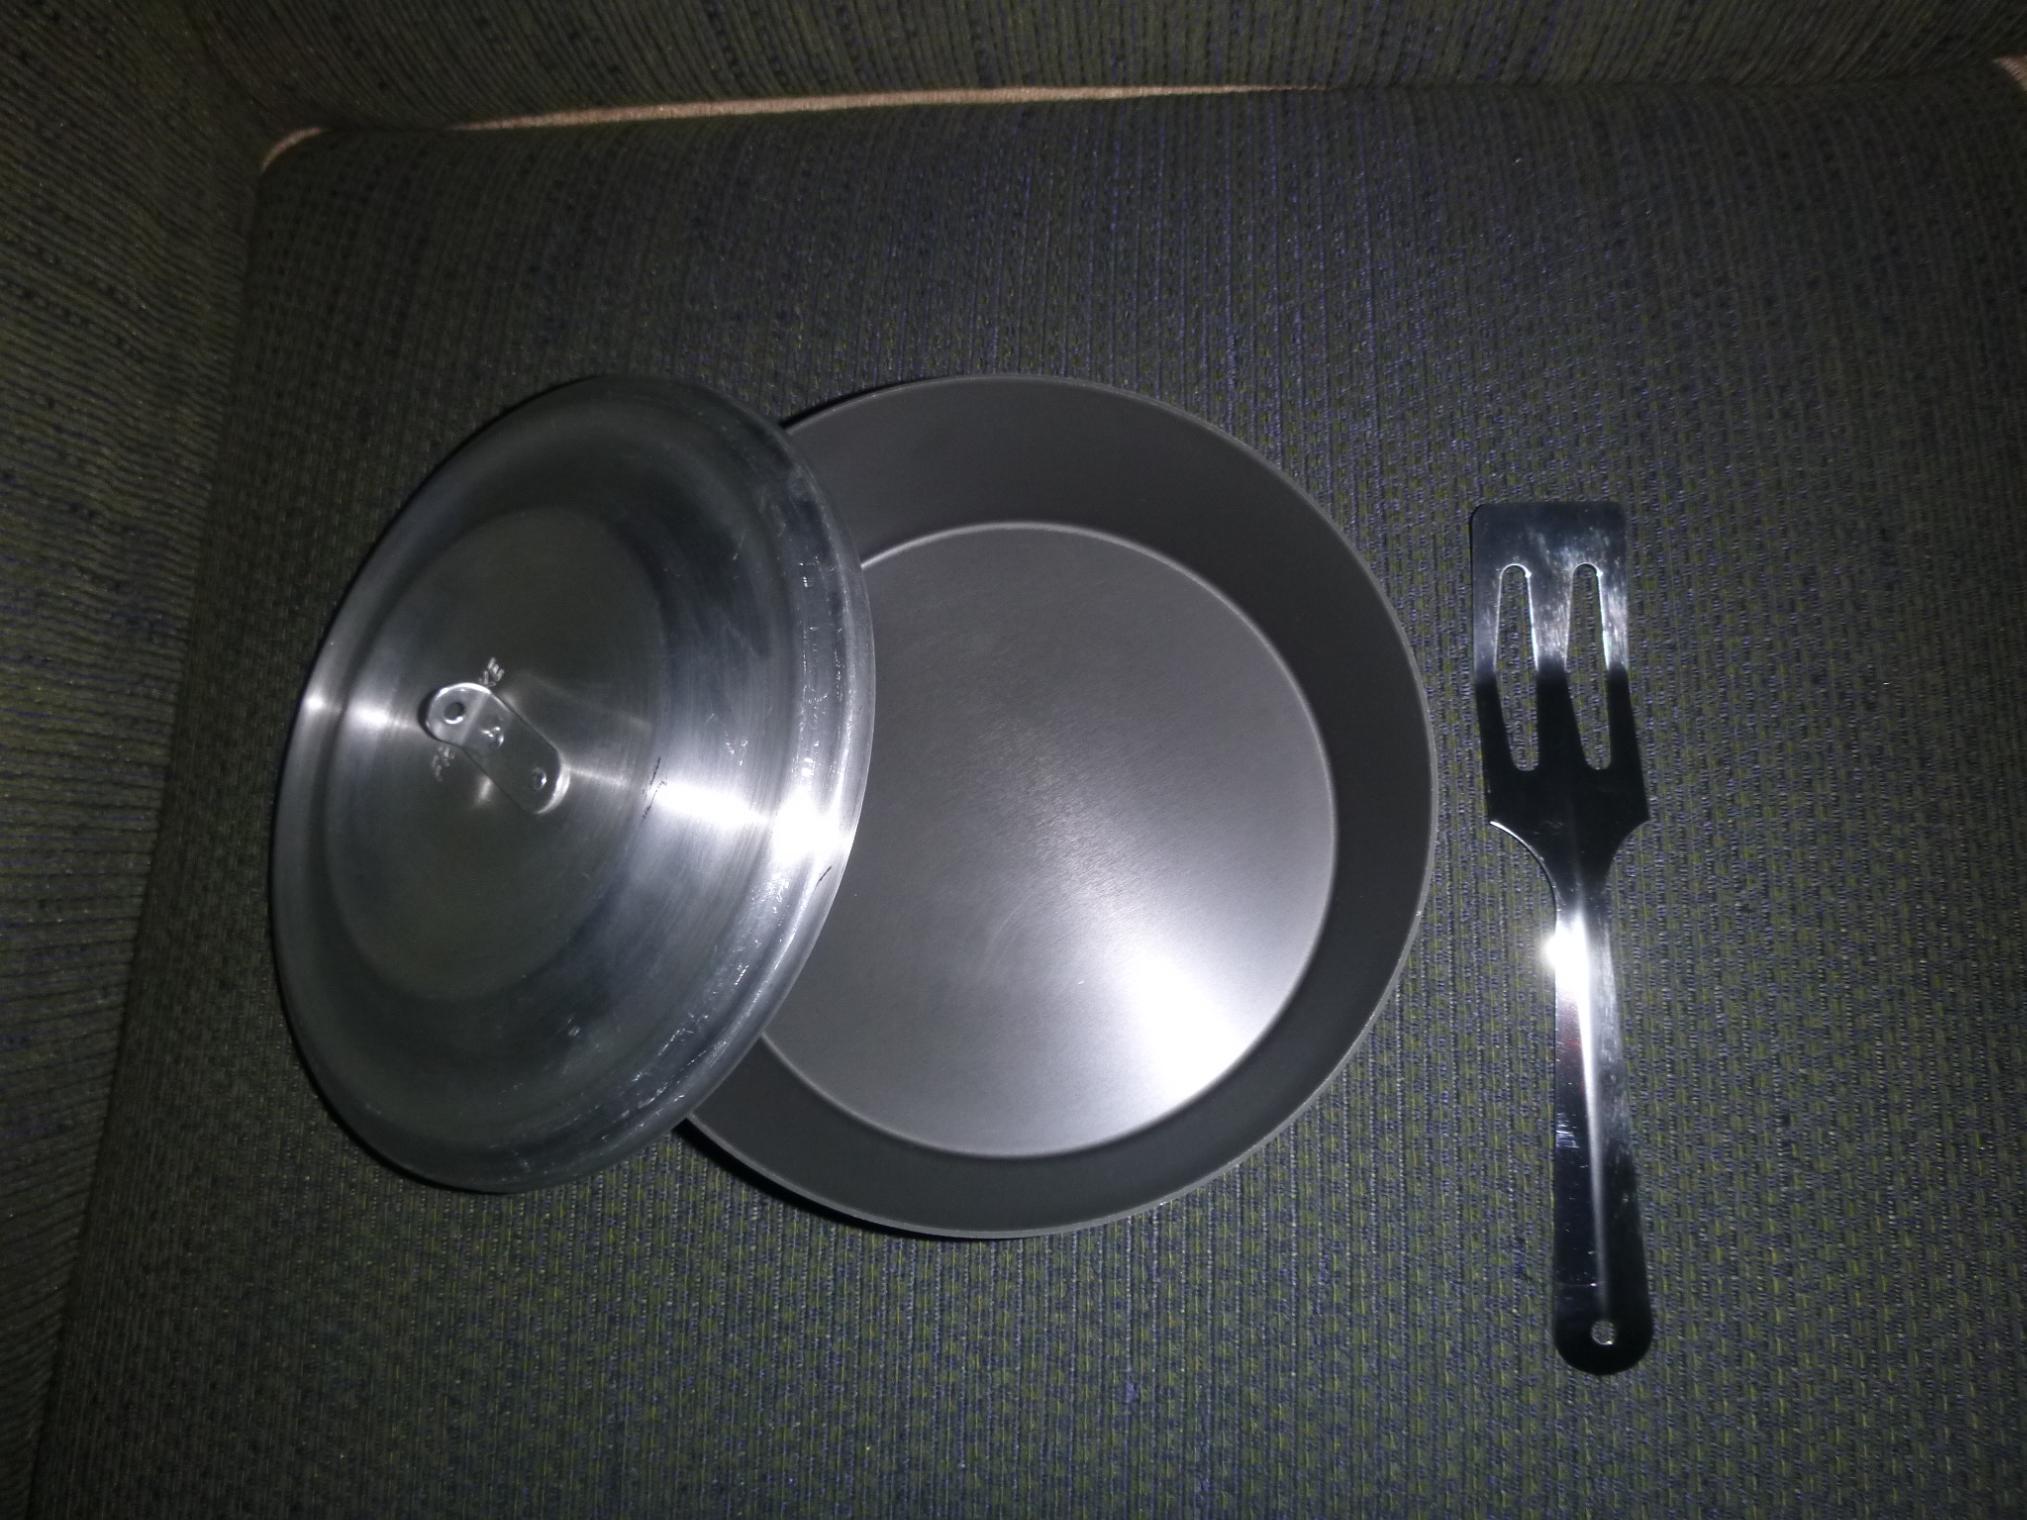 Frybake Pan/Lid/Spoon